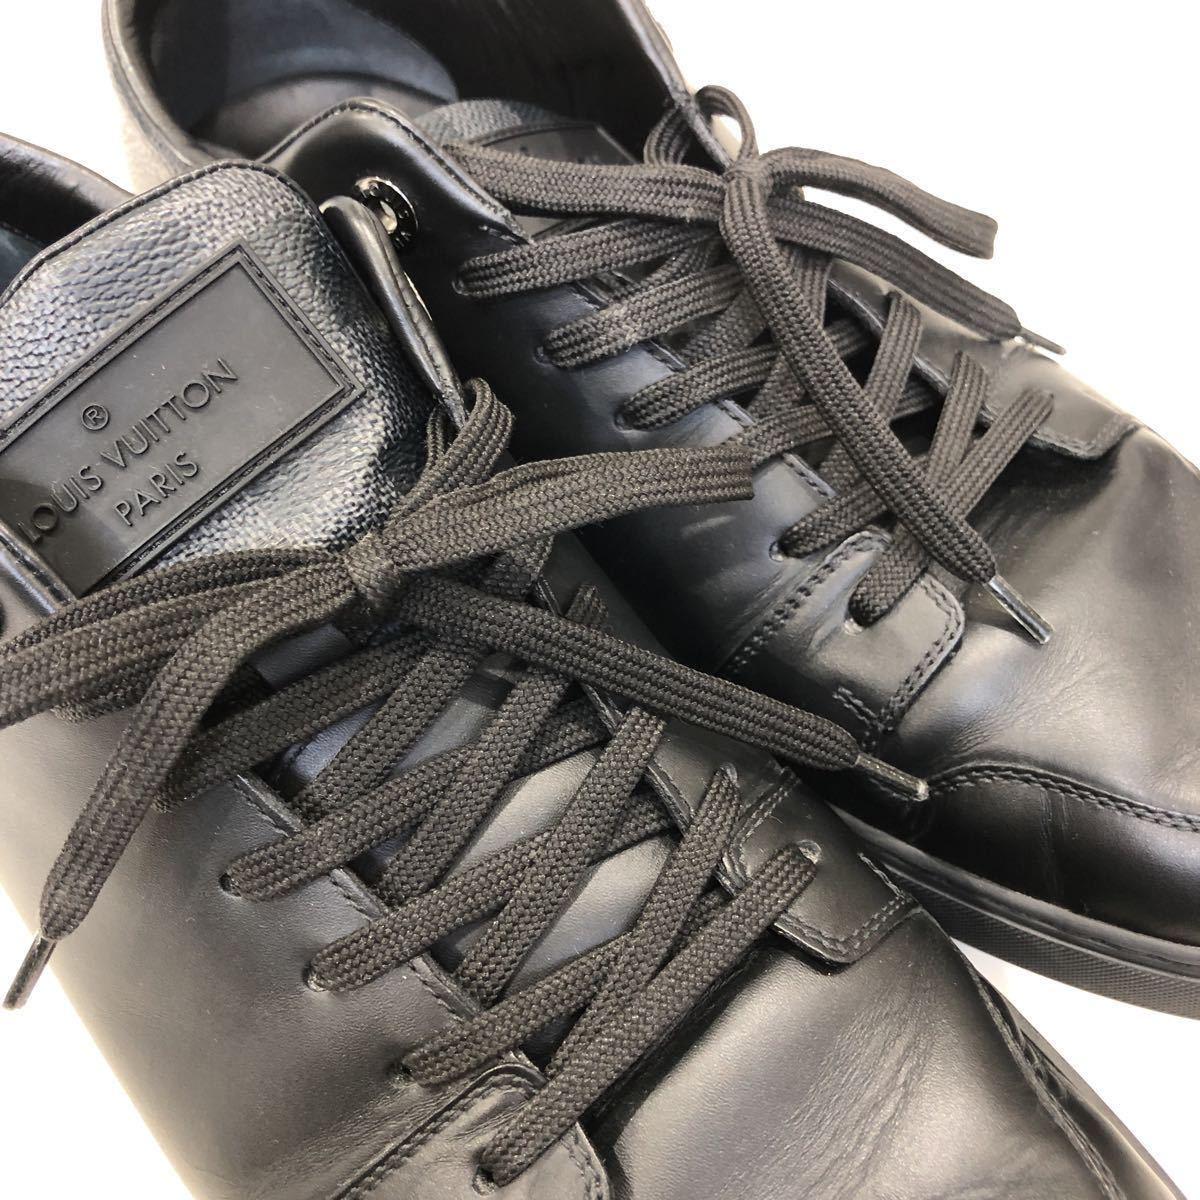 【LOUIS VUITTON】ローカットスニーカー ルイヴィトン ラインアップ ライン ダミエグラフィット レザー 靴 ブラック 黒 9 ts202109_画像9